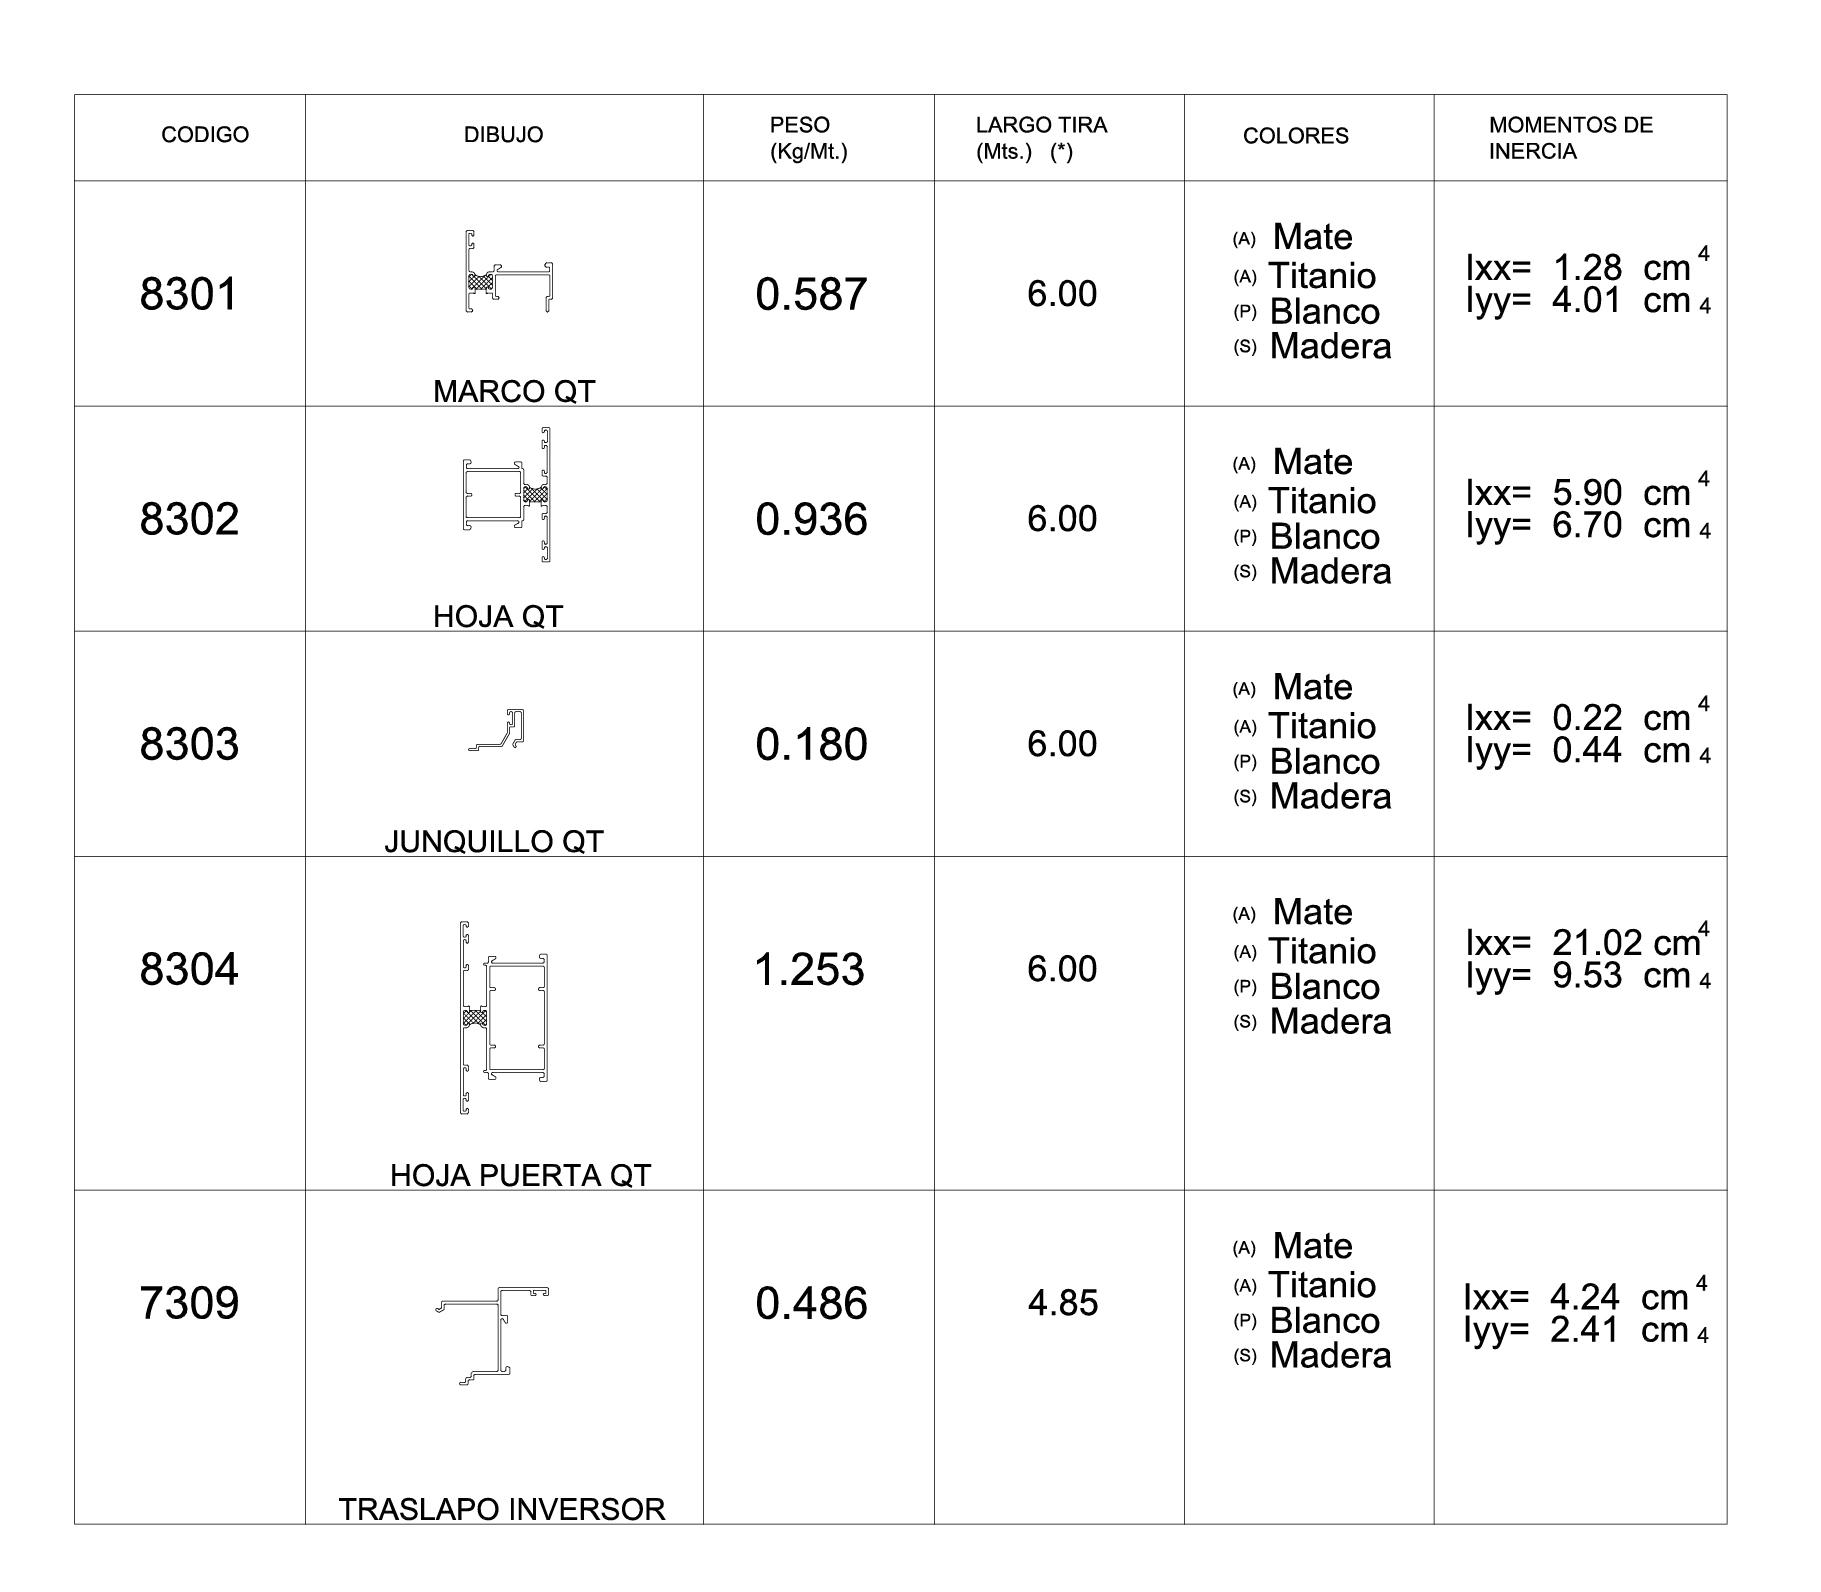 tabla caracteristicas perfiles 83 qt superior